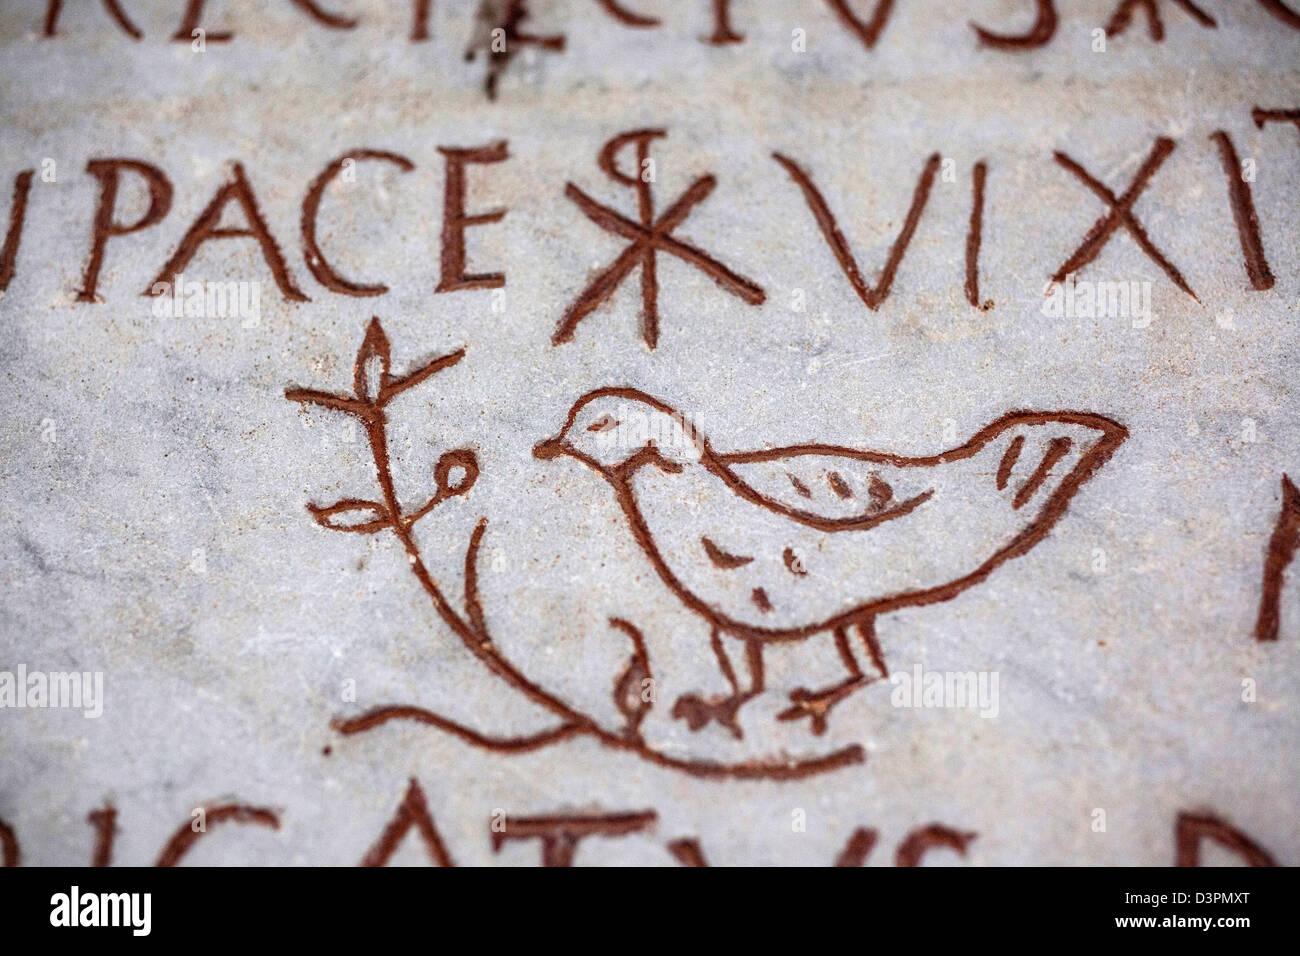 Eine Taube ein altes christliches Symbol auf einem Sarkophag in den Vatikanischen Museen Stockbild